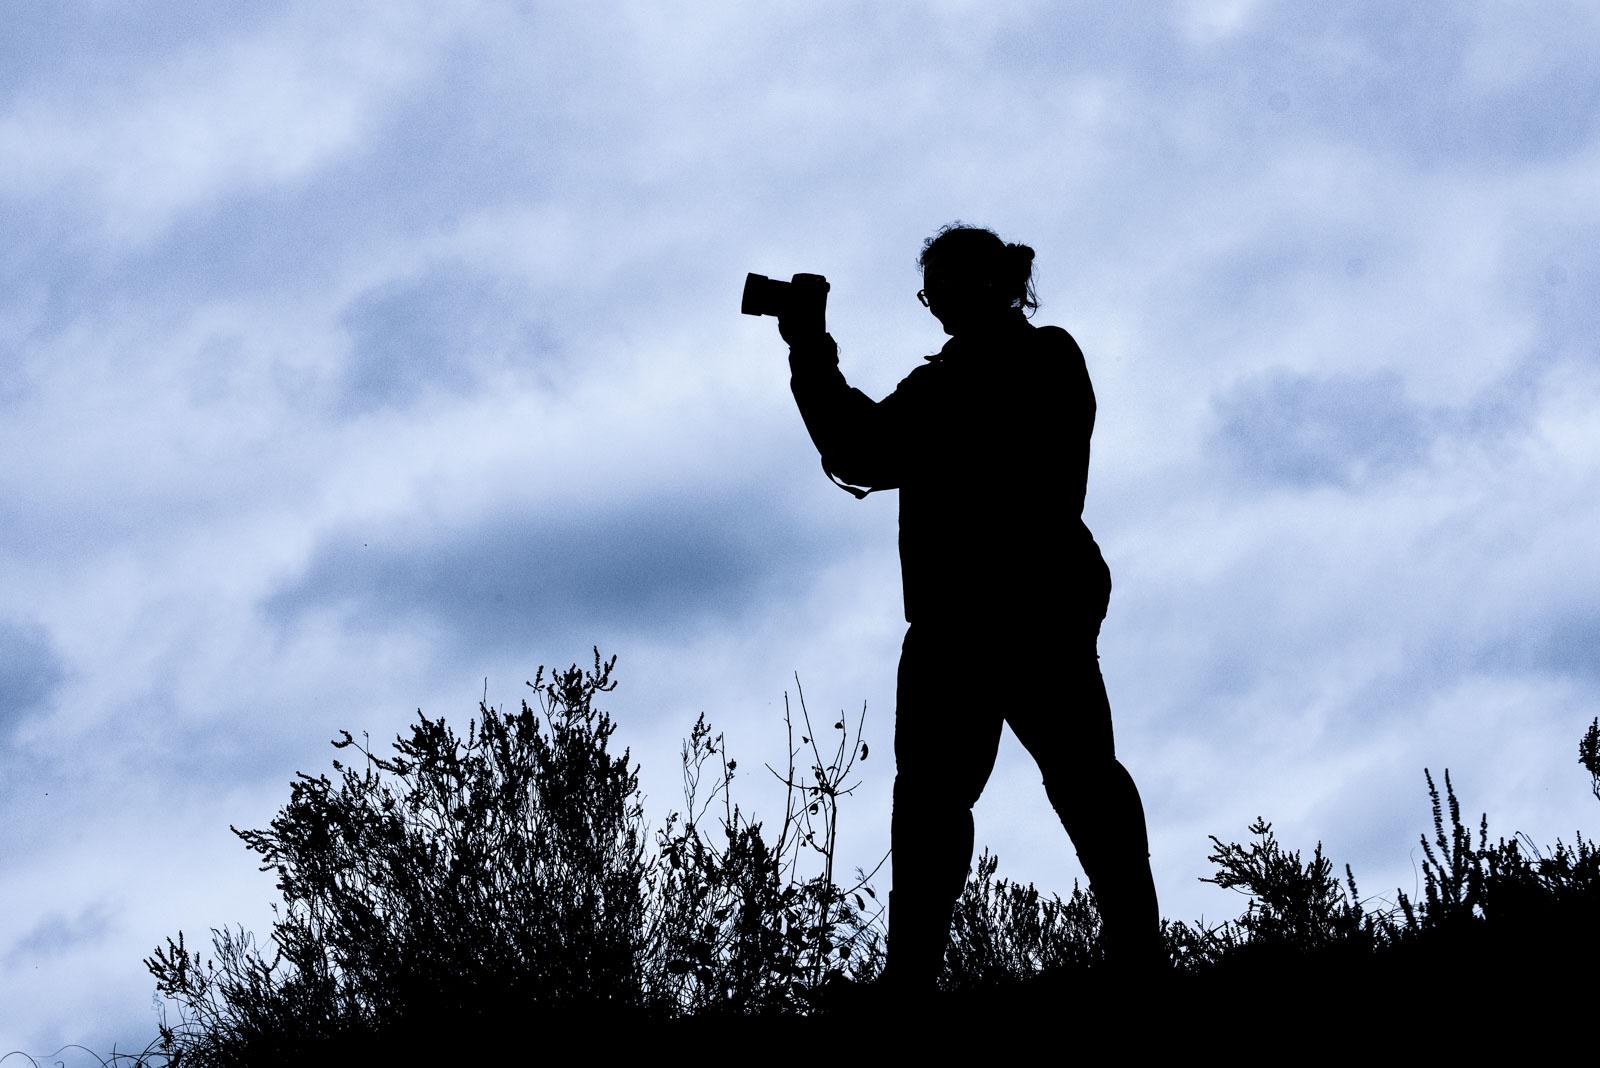 fotocursus, praktijk, gevorderden, beginners, reisfotografie, kinderfotografie, lightroom, brabant, roosendaal, bergen op zoom, breda